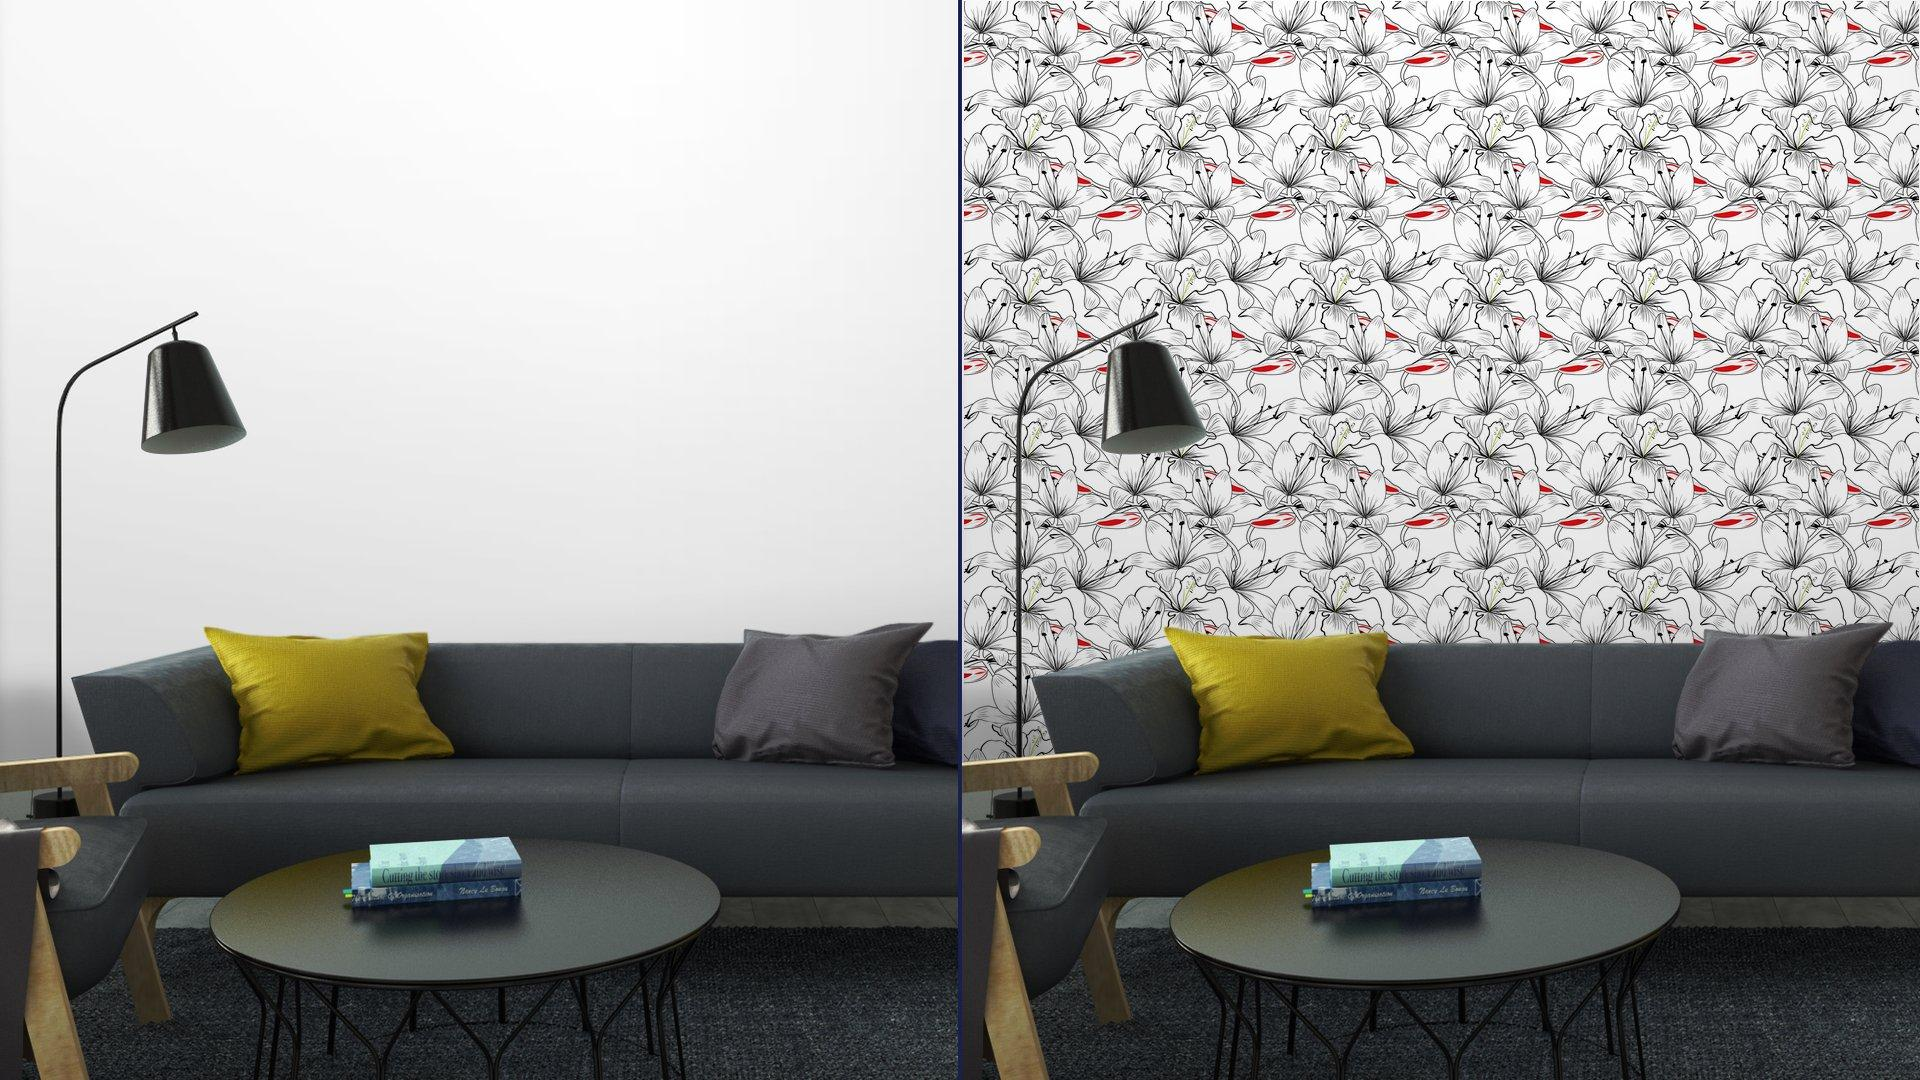 Fotomurales mexico papeles pintados patron sin fisuras con flores de lirio blanco 5 - Papel Tapiz Patrón Flores de Lirio en Fondo Blanco 01